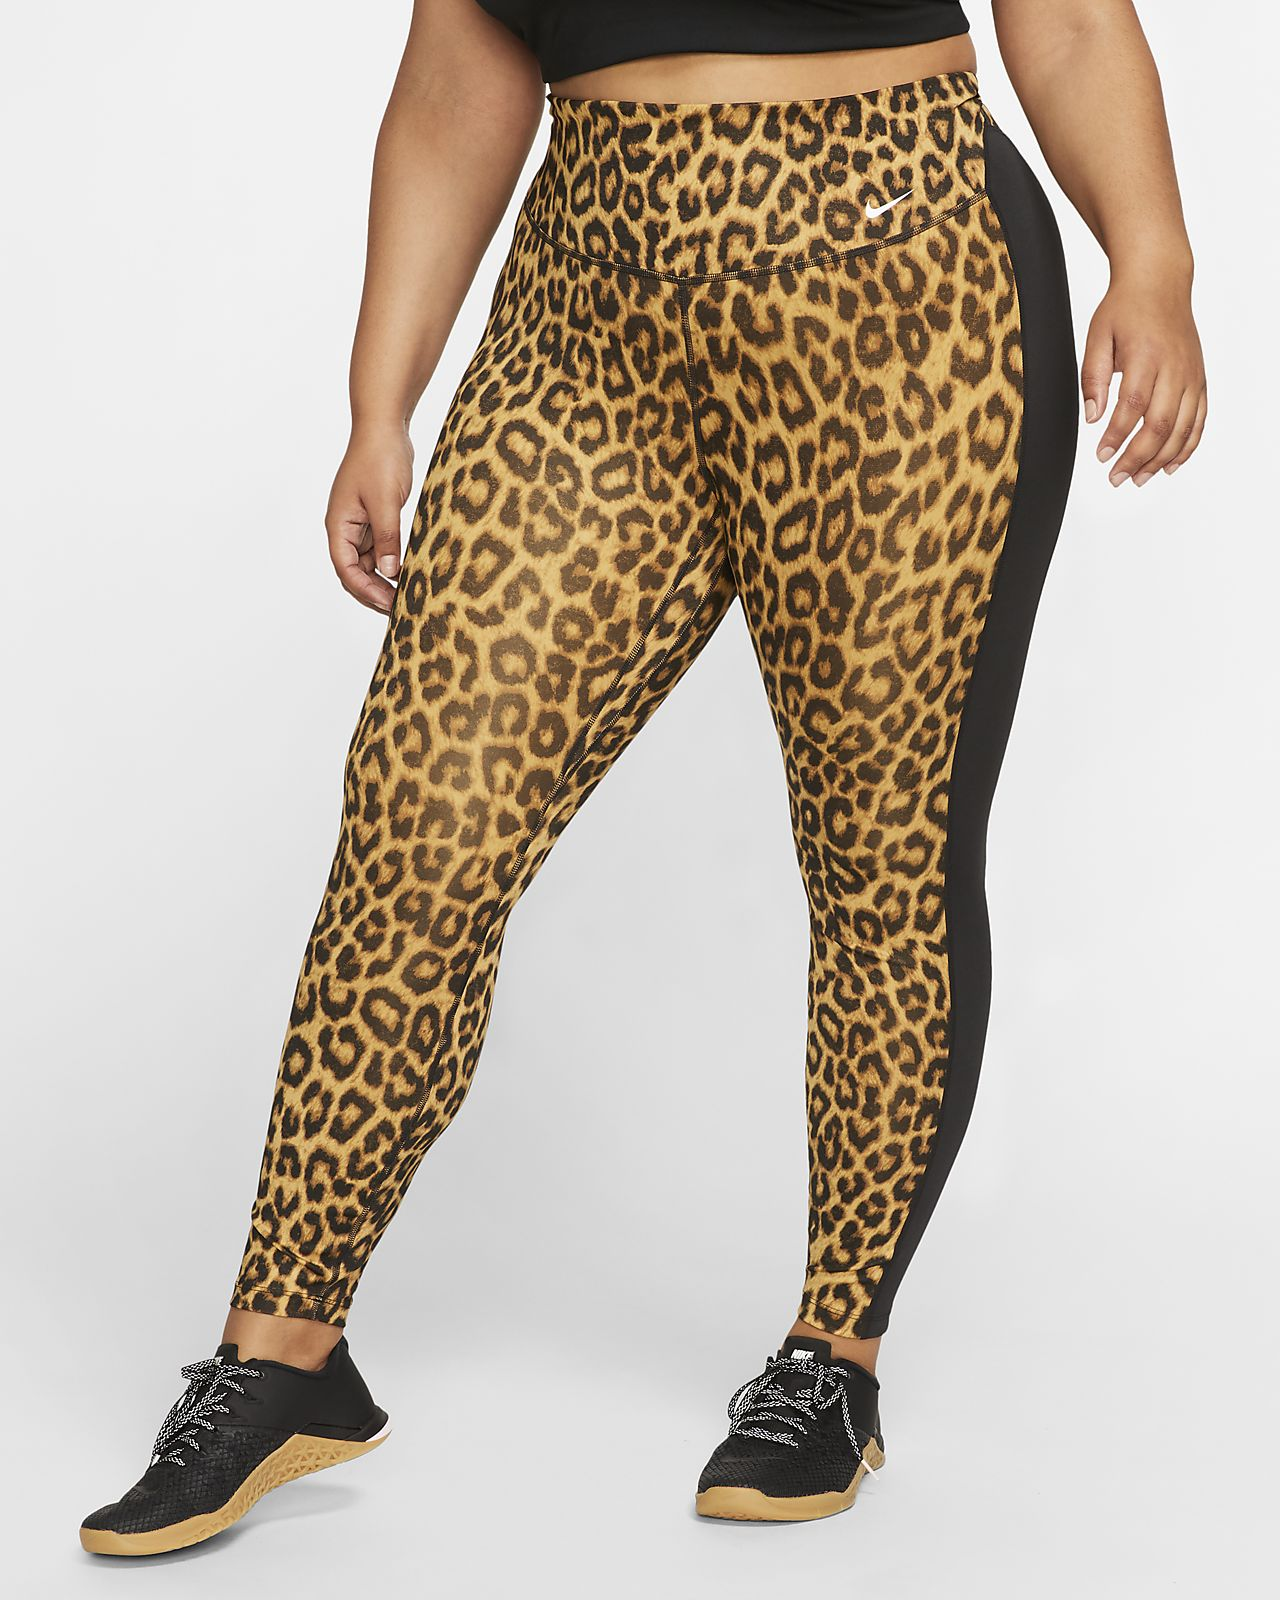 Mallas con estampado animal de 7/8 para mujer Nike One (talla grande)